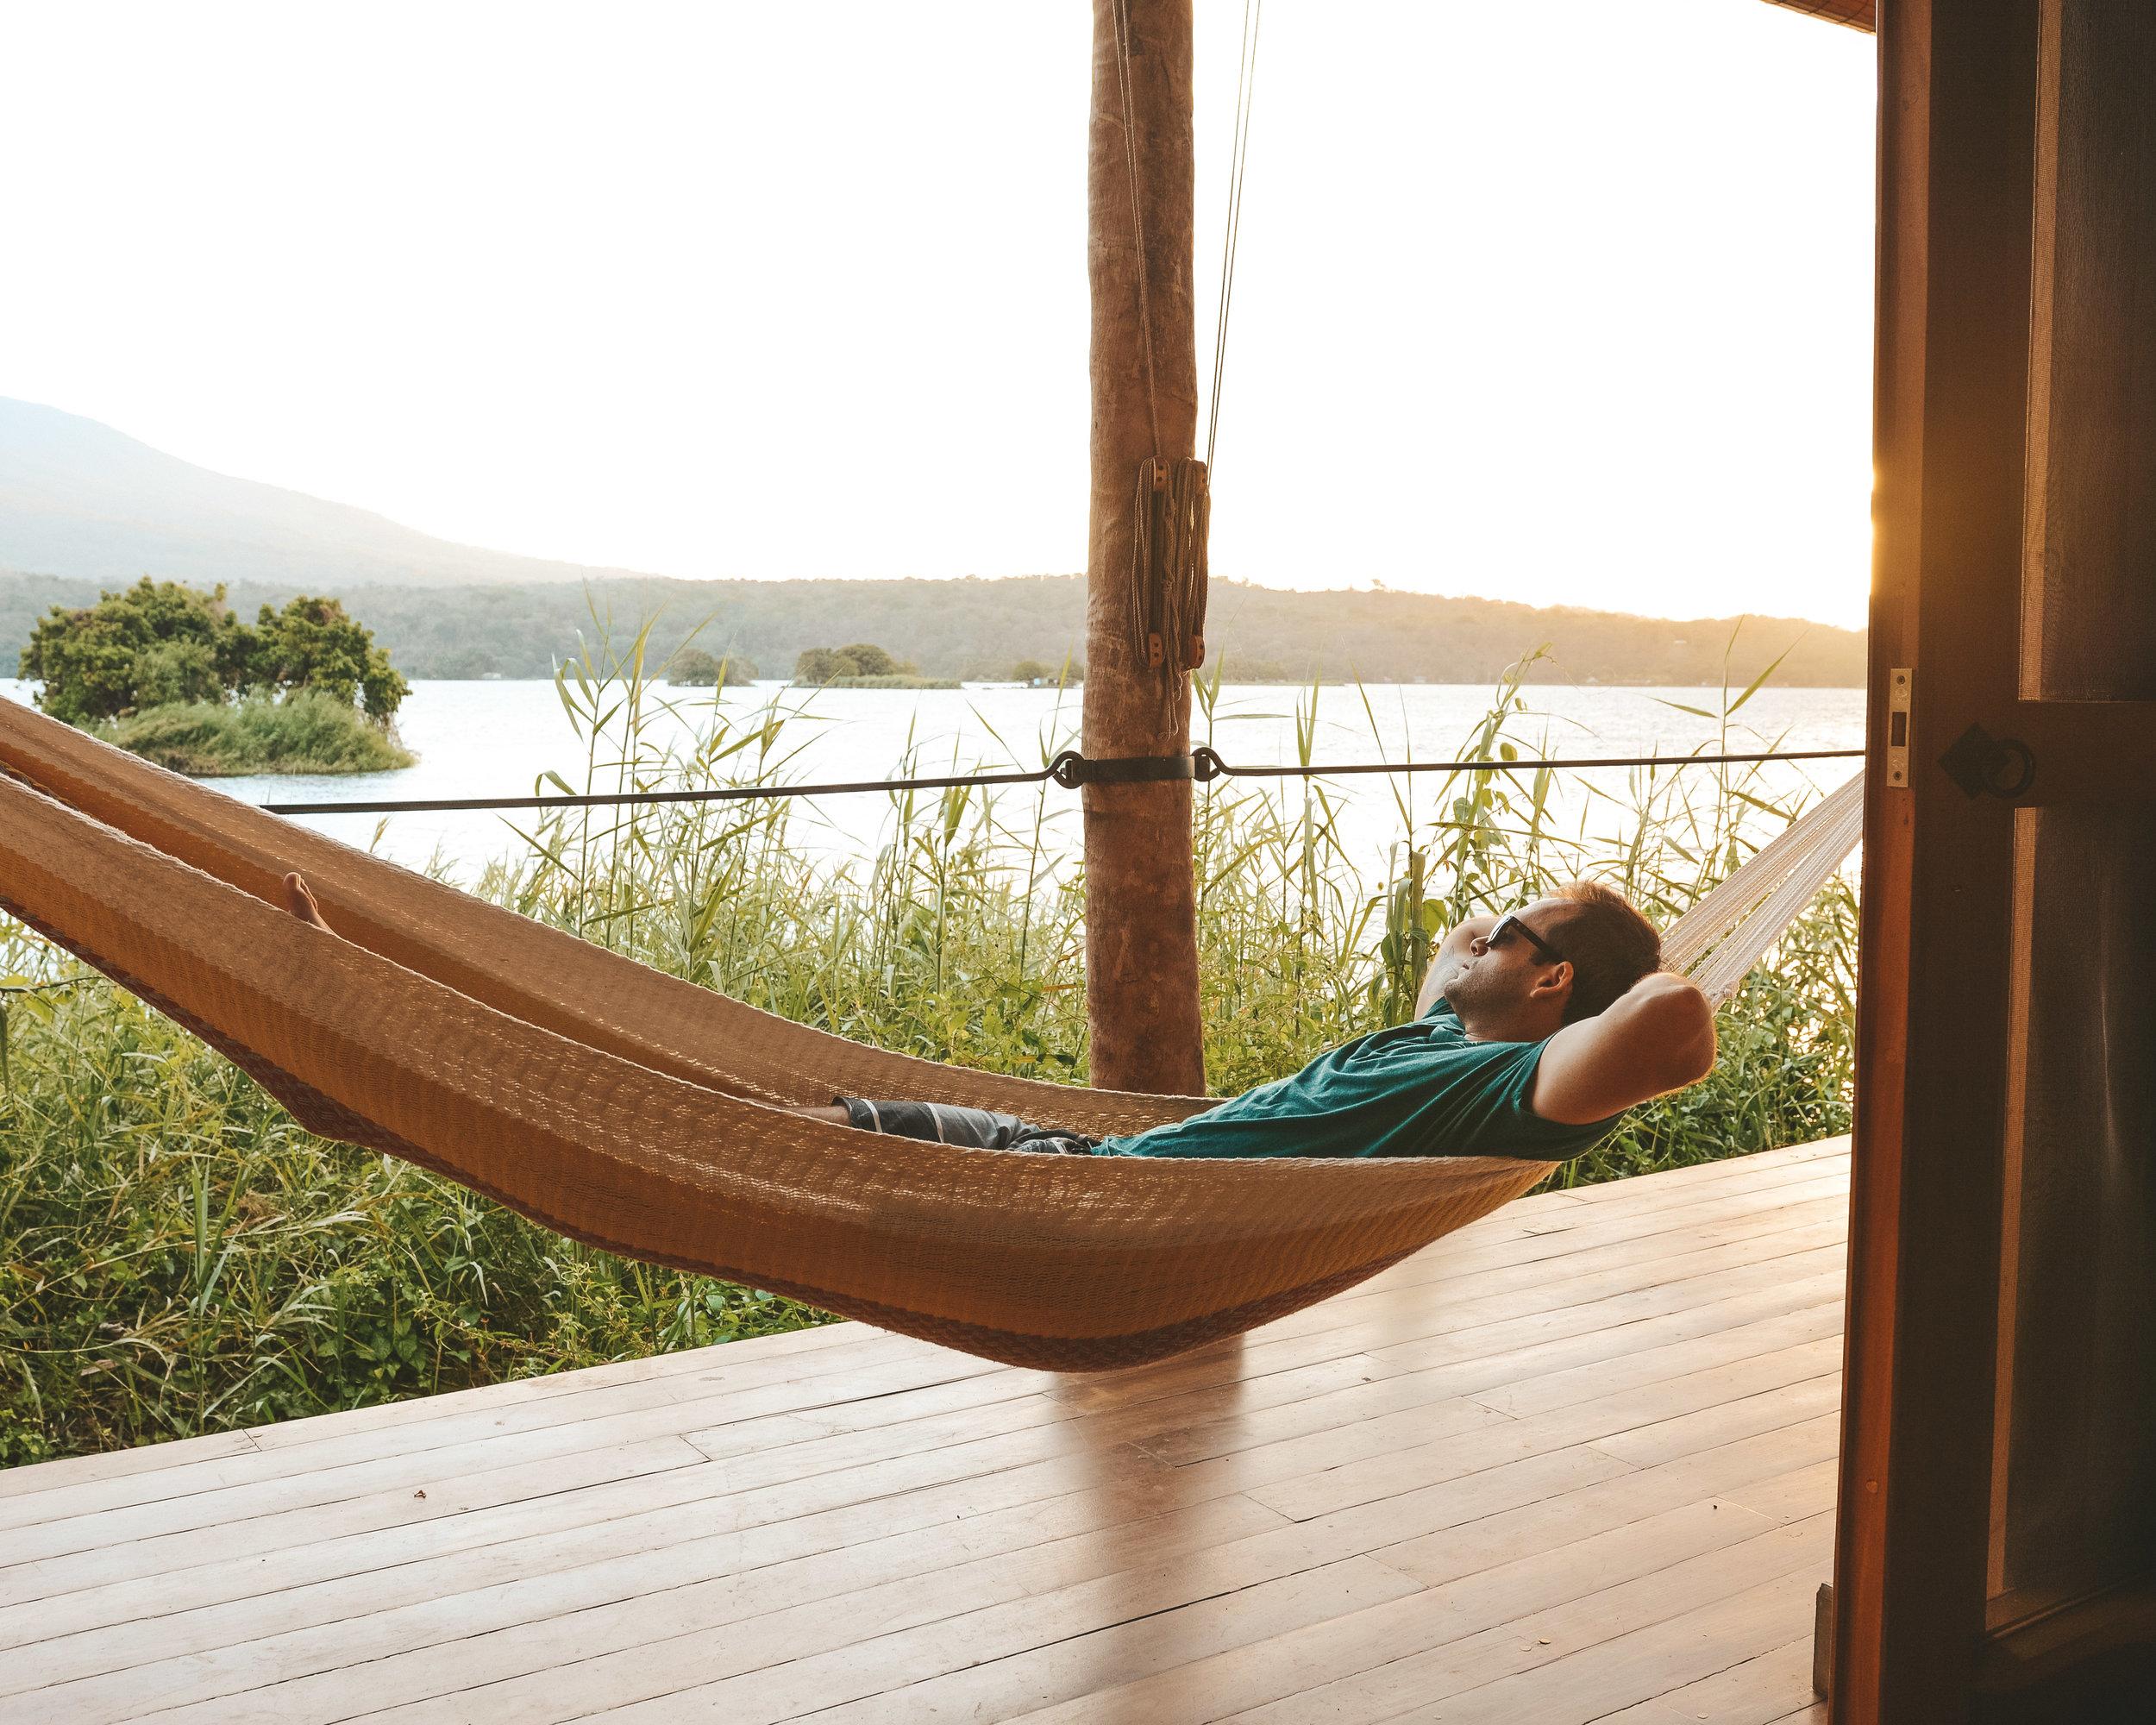 Hanging in the hammocks at Isleta el Espino